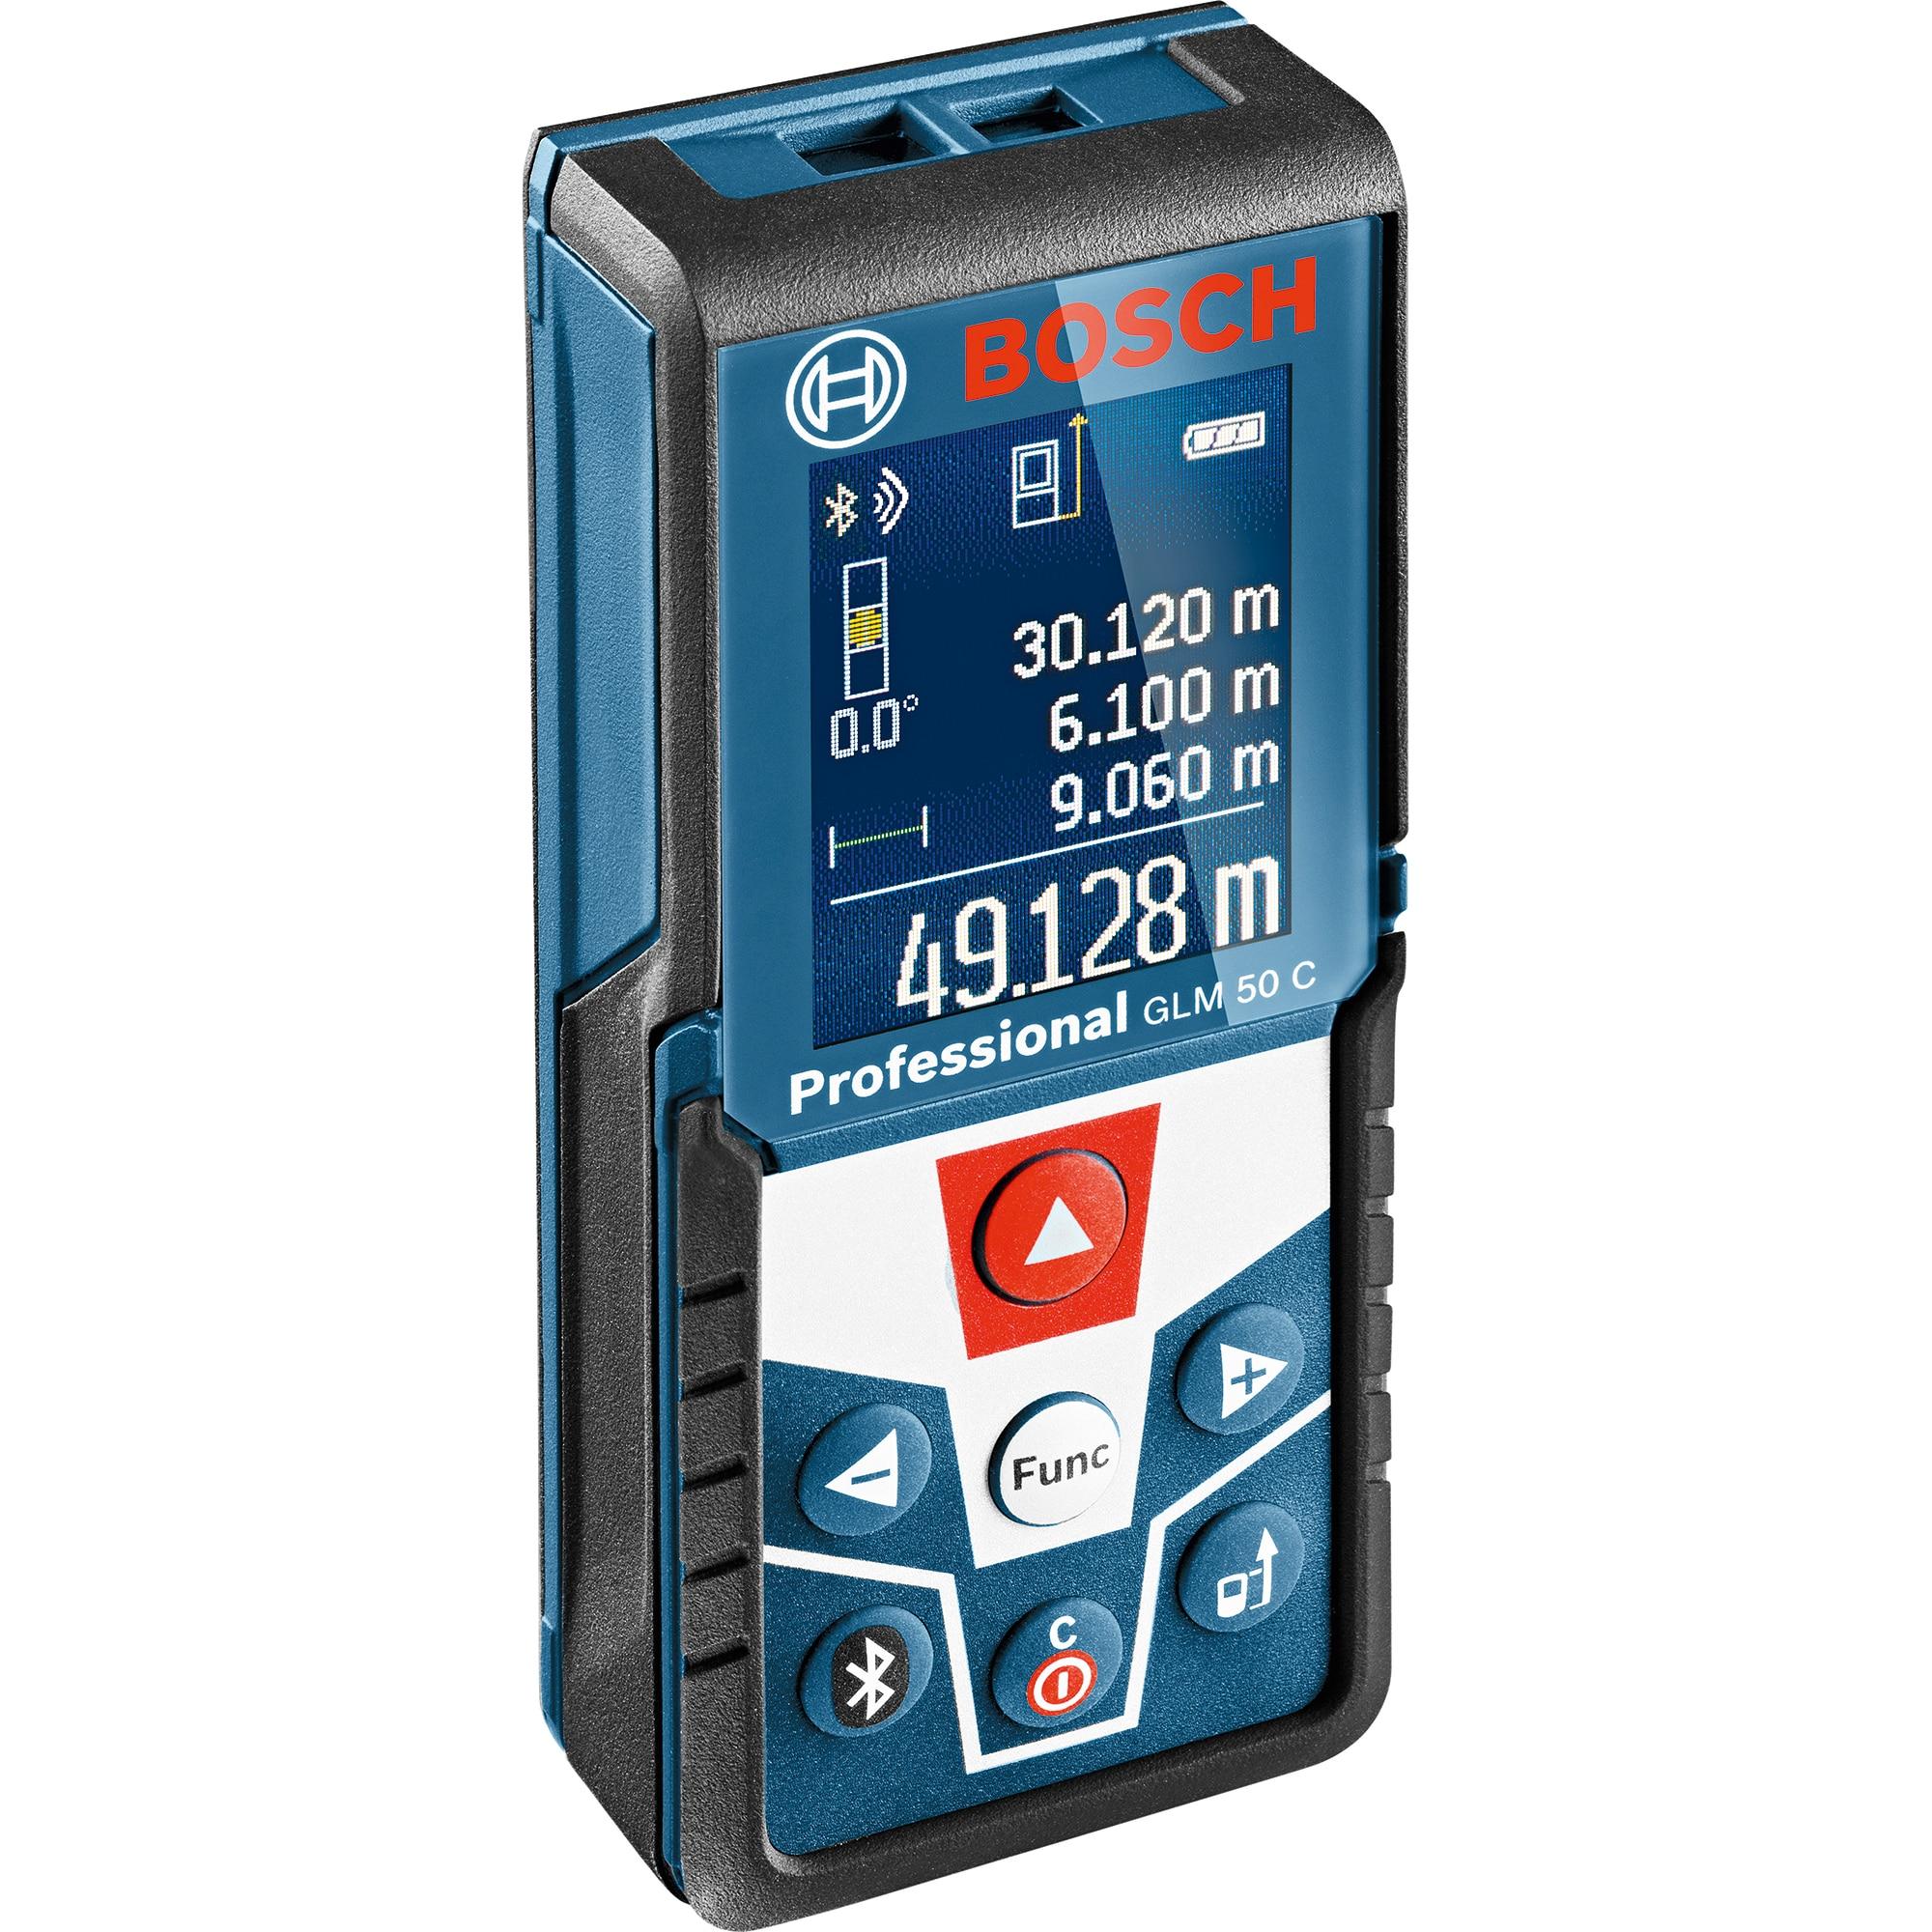 Fotografie Telemetru cu laser Bosch Professional GLM 50 C, 50 m, 635 nm dioda laser